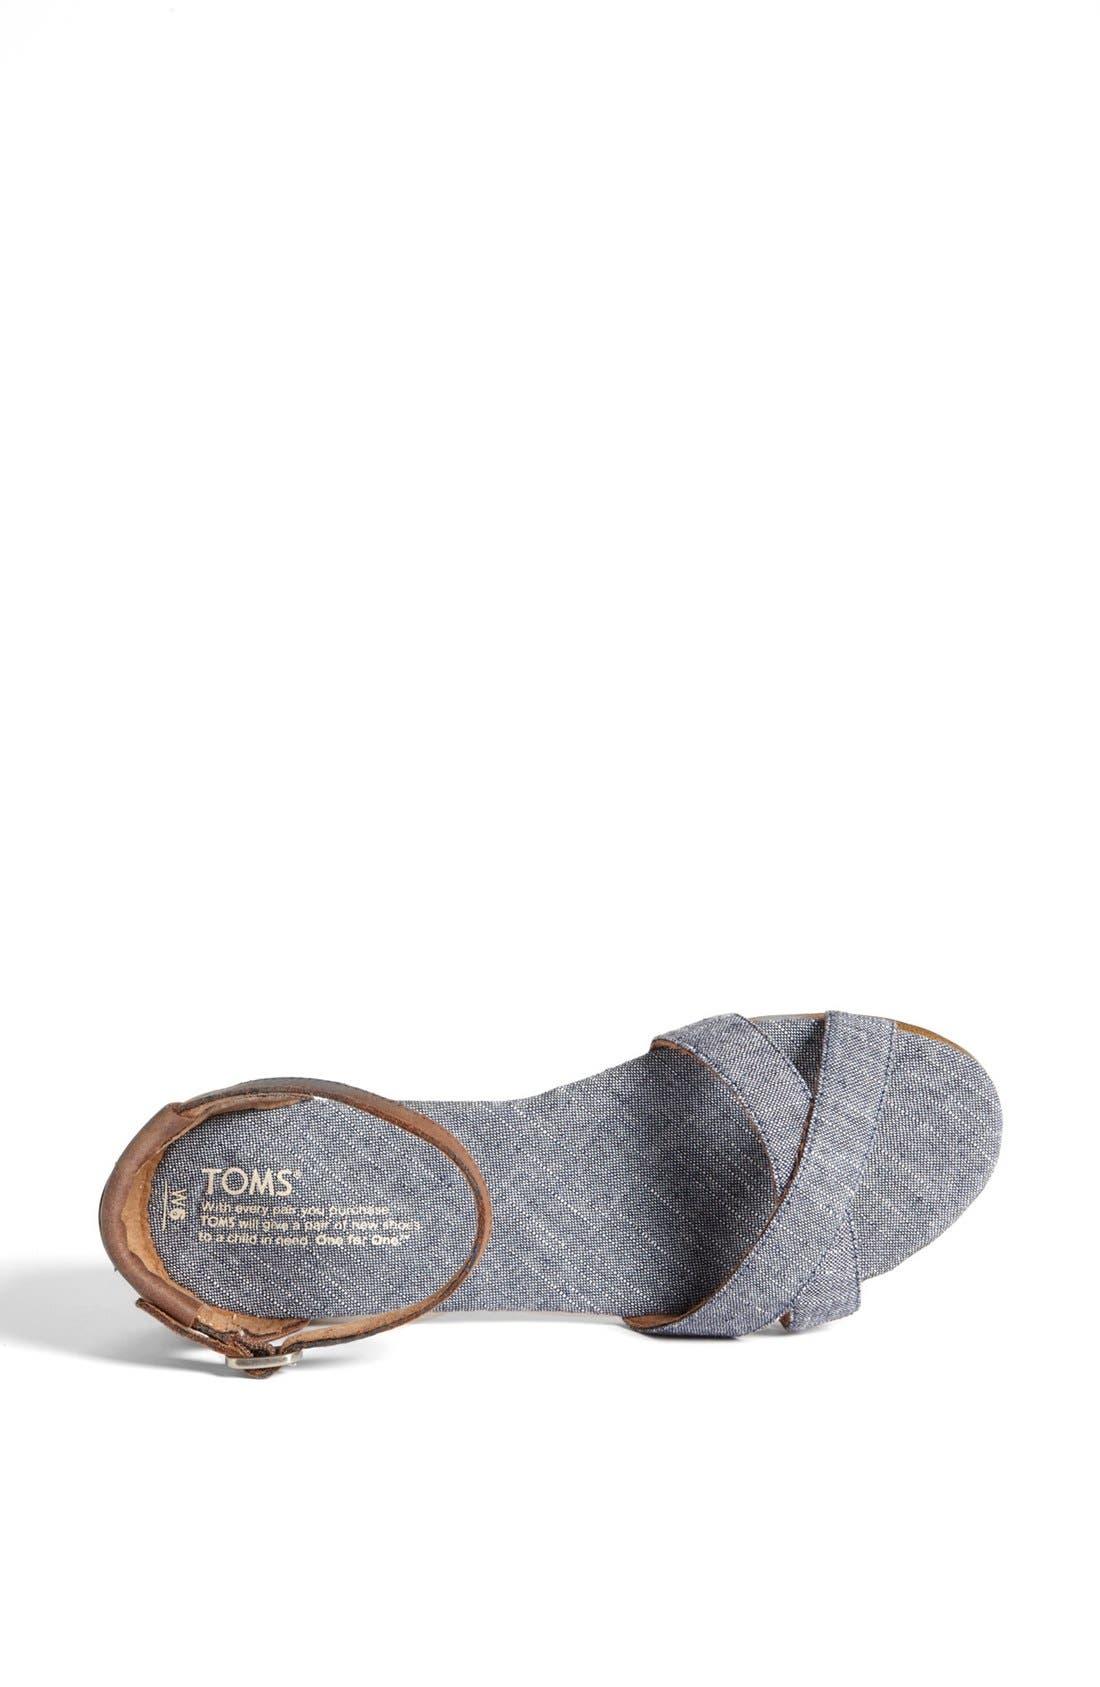 Alternate Image 3  - TOMS 'Correa' Ankle Strap Flat Sandal